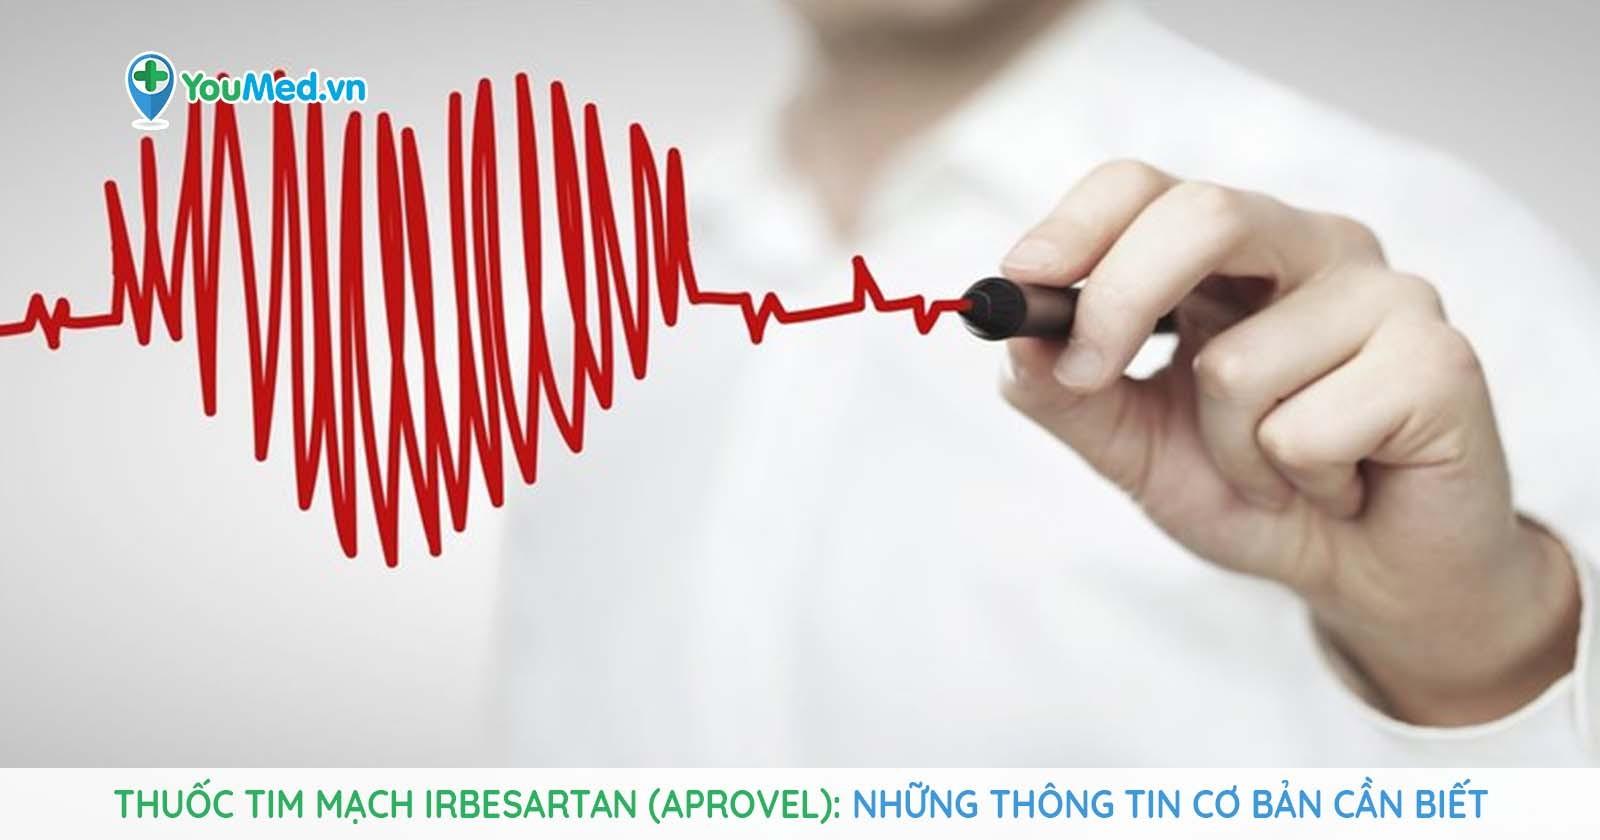 Thuốc tim mạch Irbesartan (Aprovel): Những thông tin cơ bản cần biết